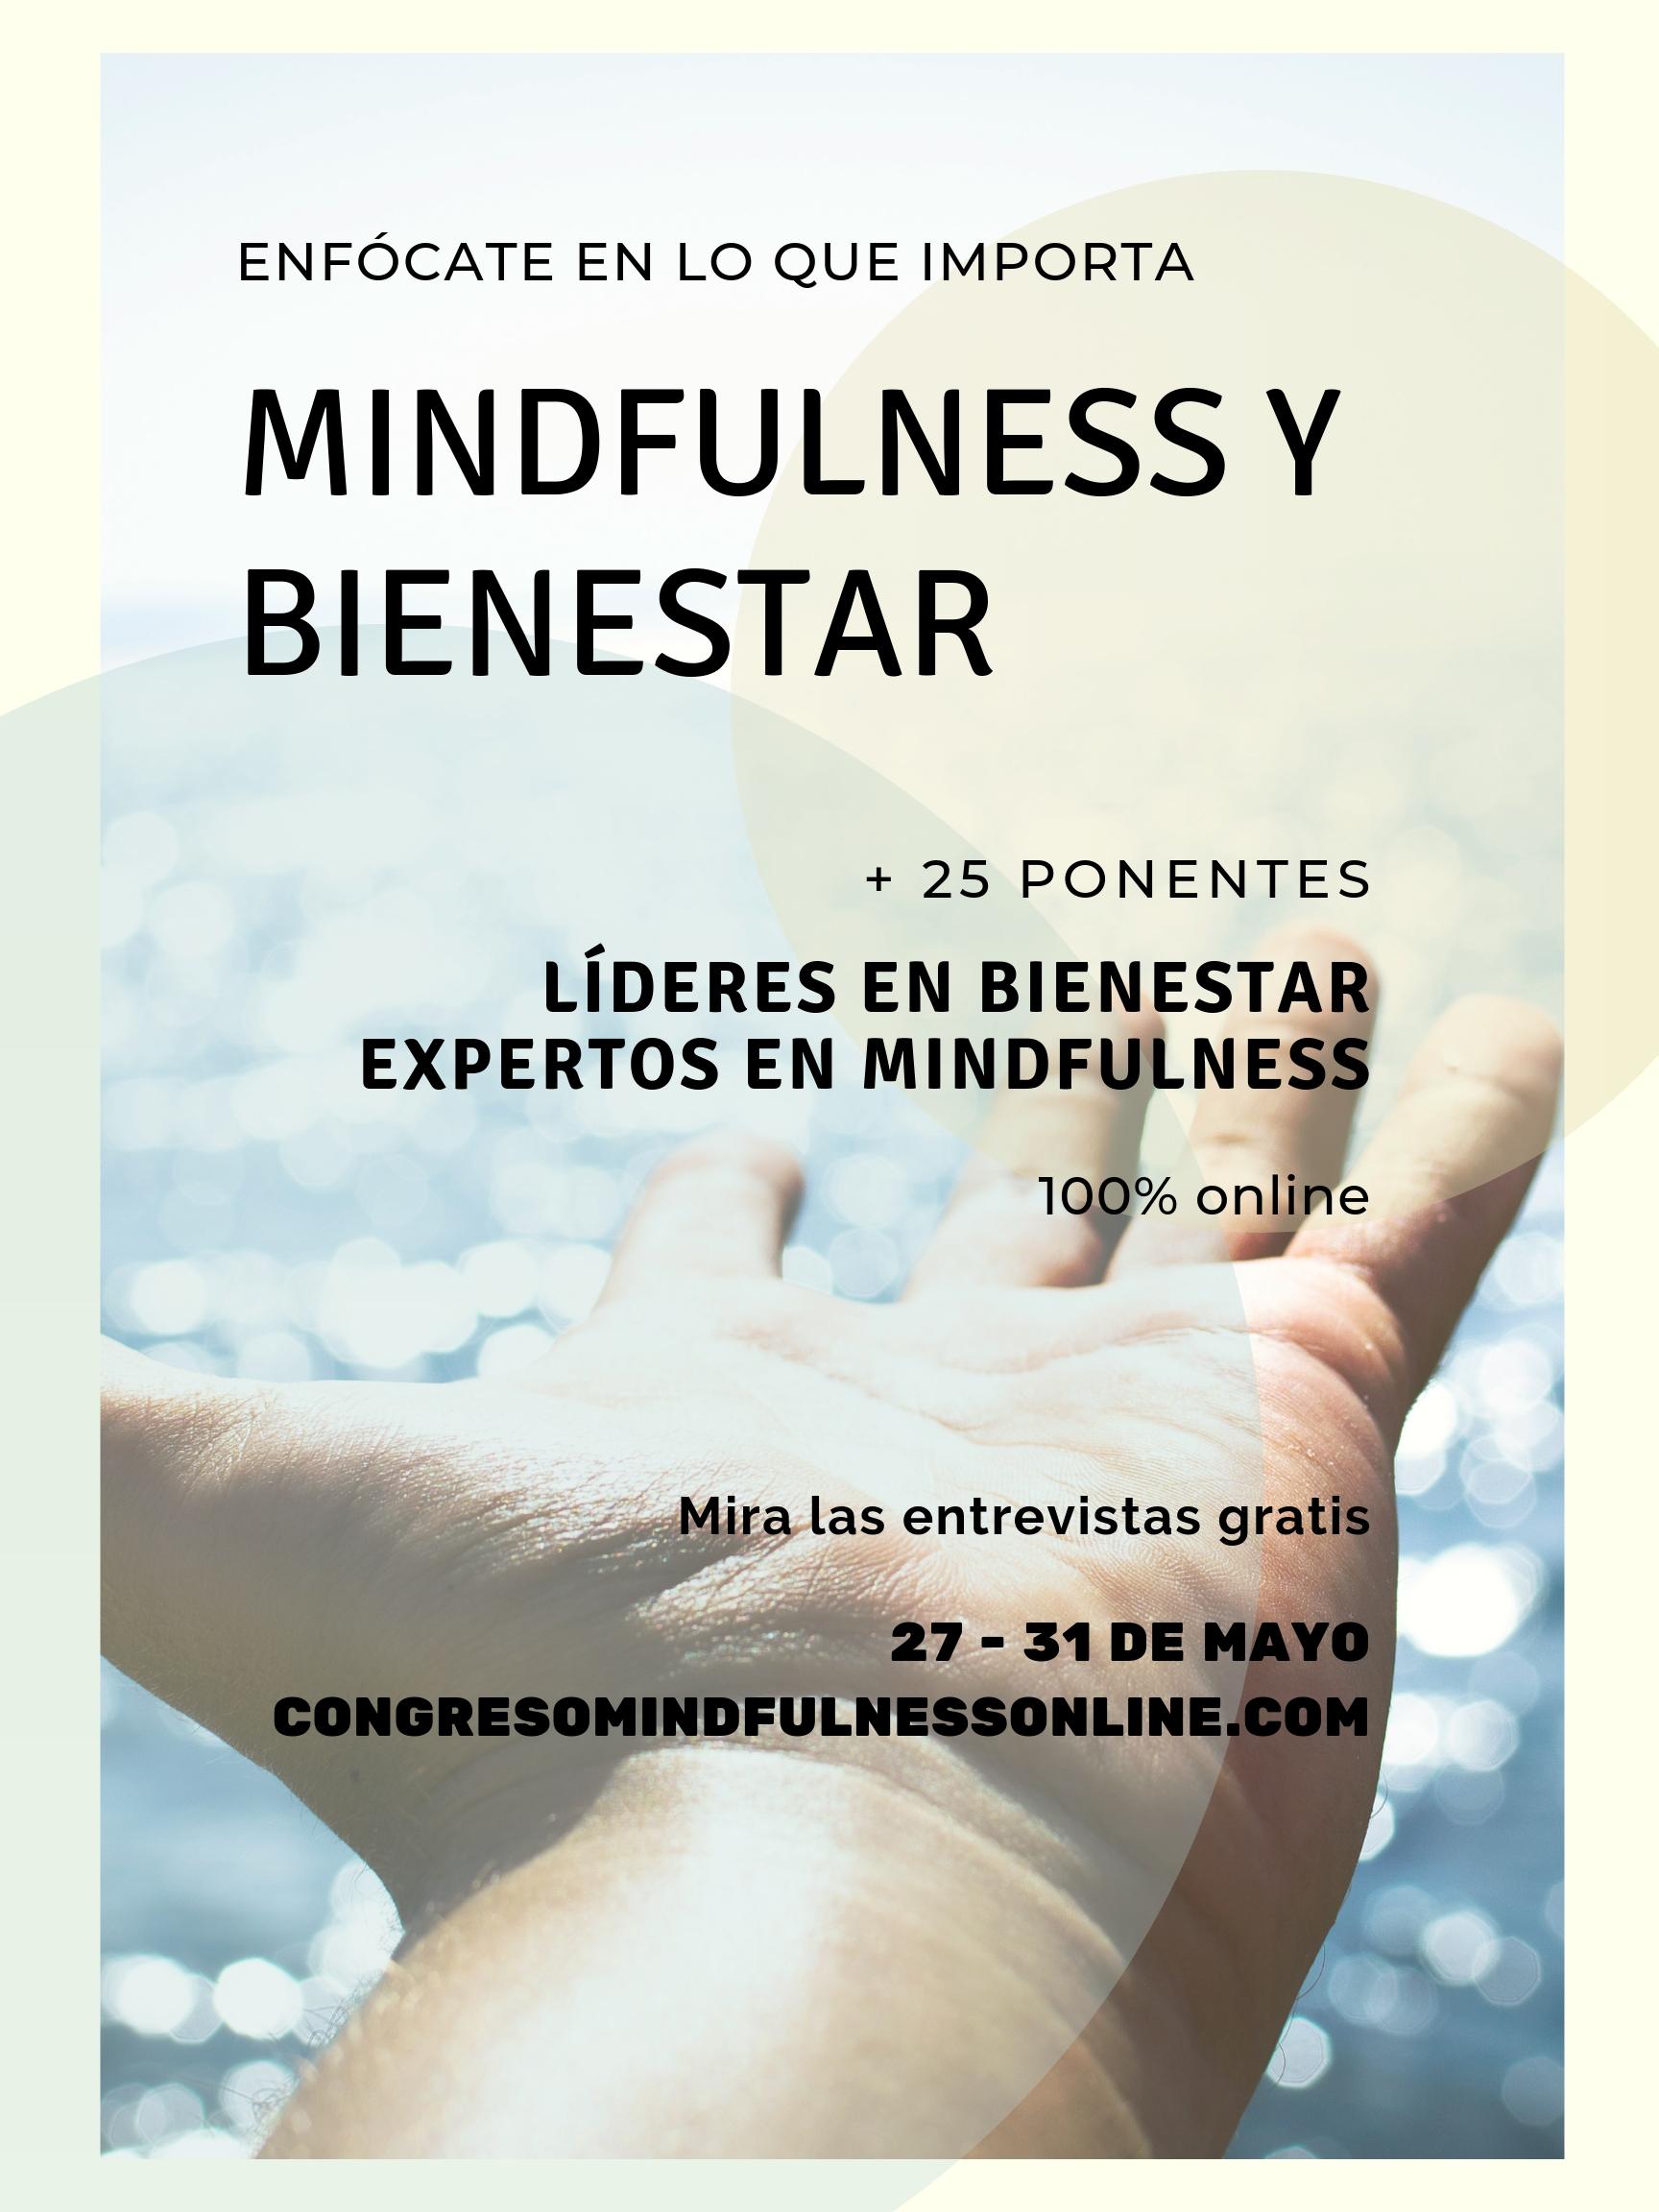 congreso online de mindfulness y bienestar